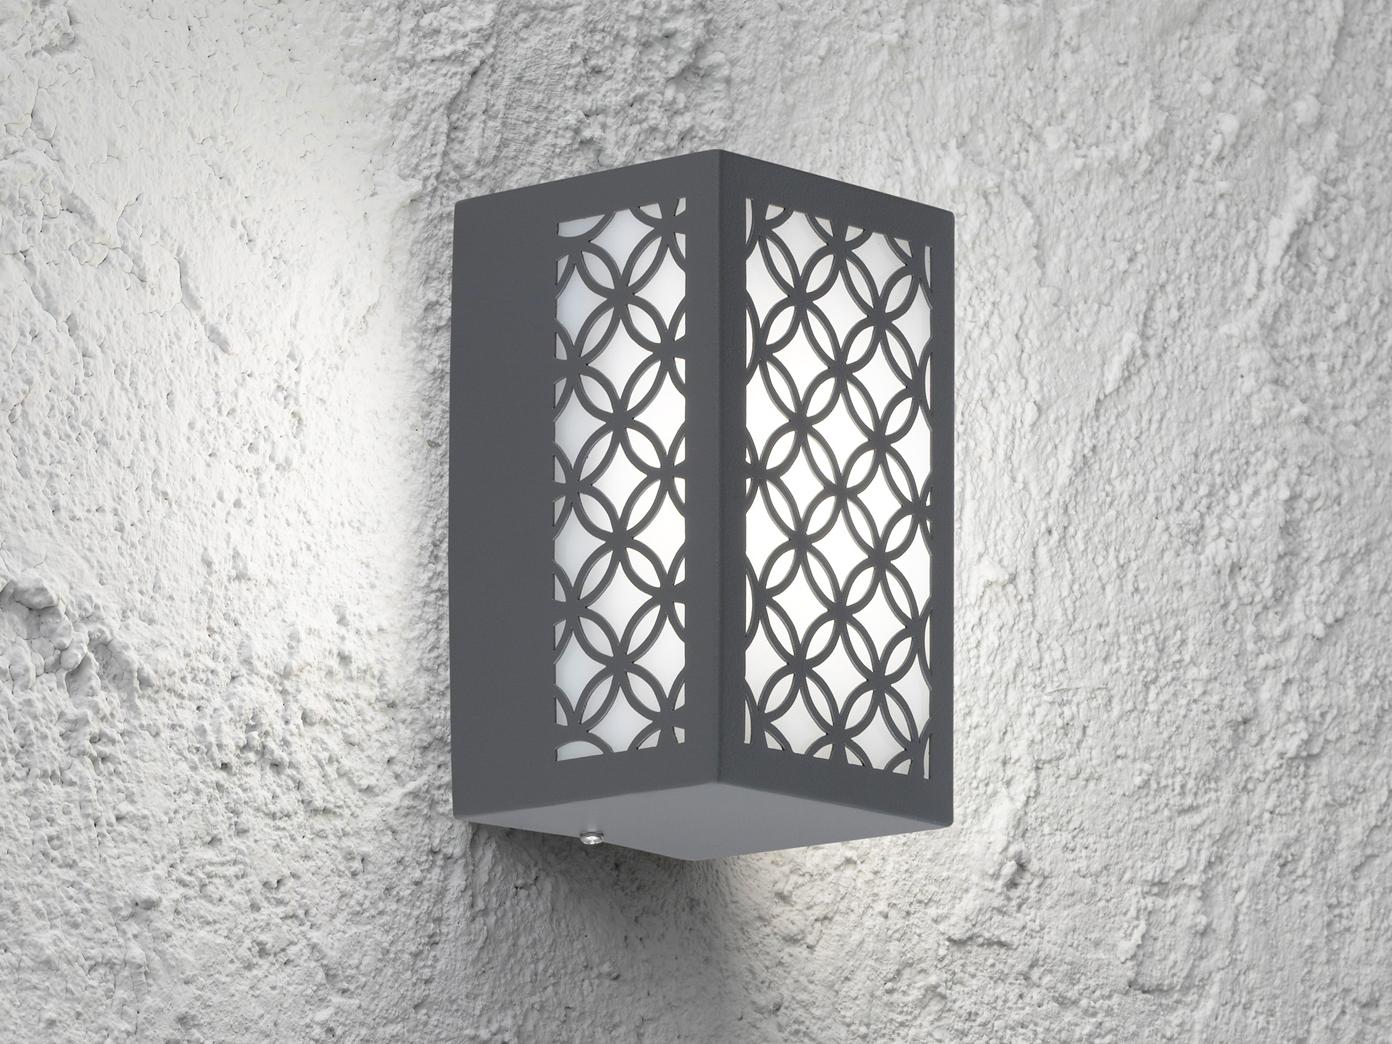 2 LED Außenwandleuchten Edelstahl eckig eckig eckig 7W Wandleuchte außen Fassadenbeleuchtung 710e6b